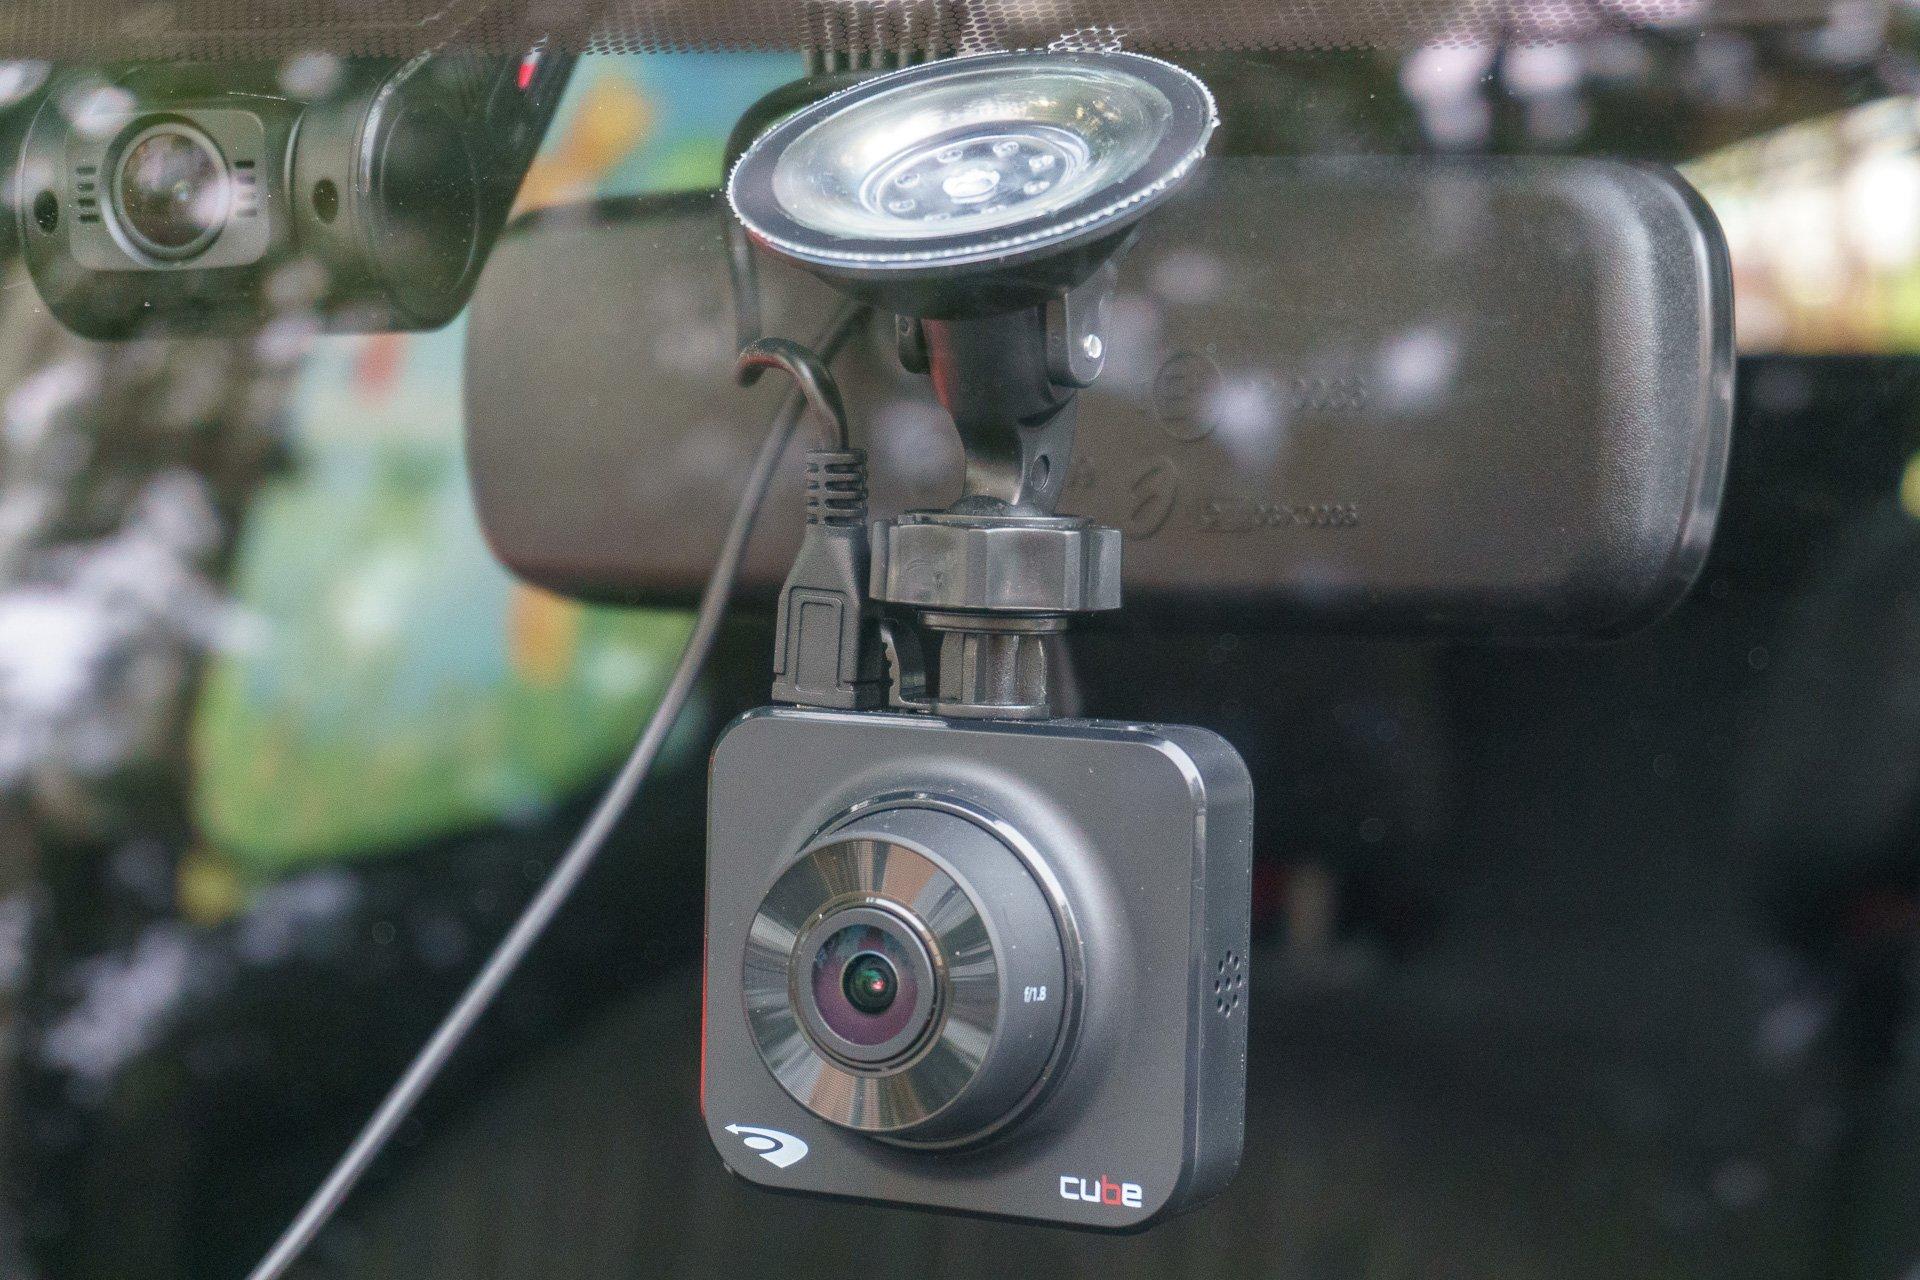 Tabletowo.pl NavRoad myCam HD Cube - tani wideorejestrator dla niewymagających (recenzja) Akcesoria Recenzje Sprzęt